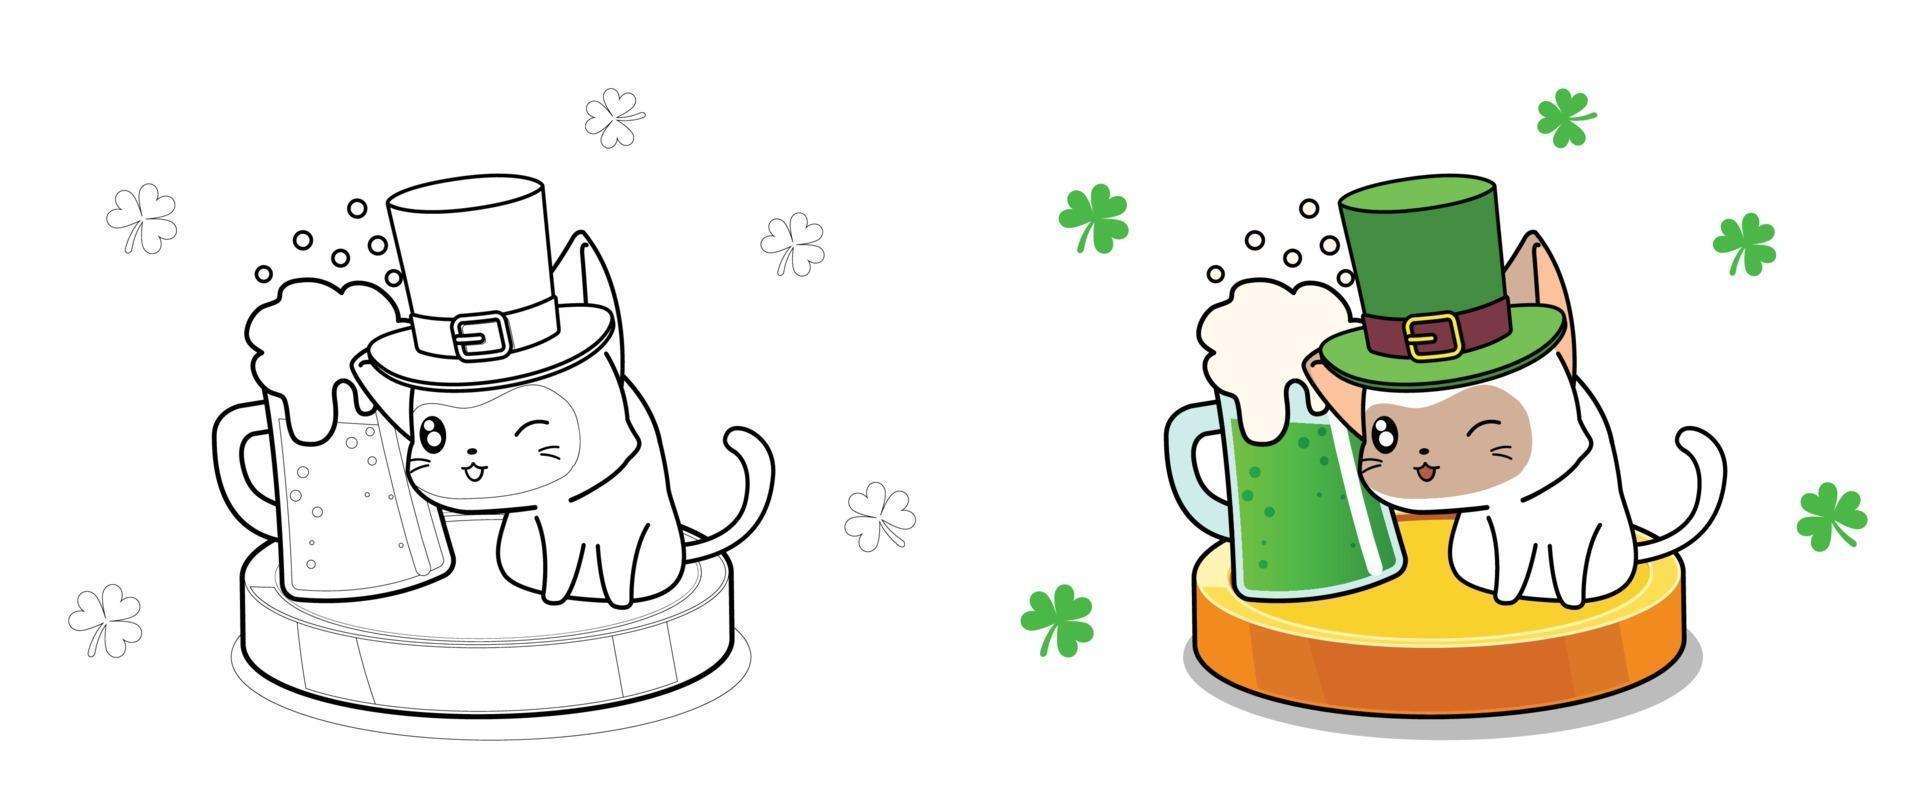 kat op saint patrick dag kleurplaat voor kinderen vector